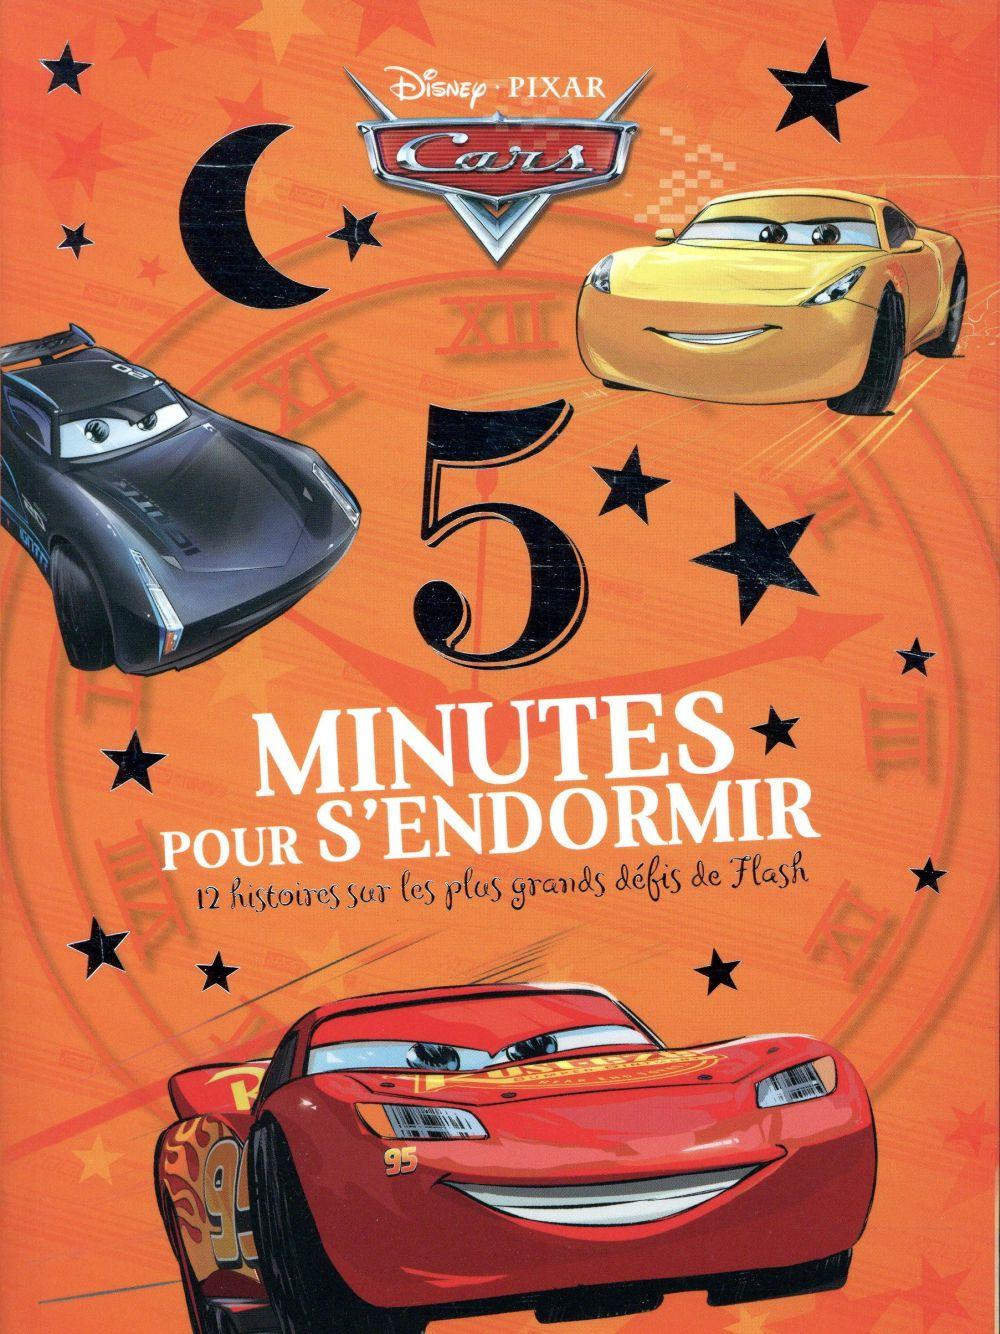 CARS - 5 MINUTES POUR S'ENDORMIR - 12 HISTOIRES SUR LES GRANDS DEFIS DE FLASH - DISNEY PIXAR - LES G  Lgdj